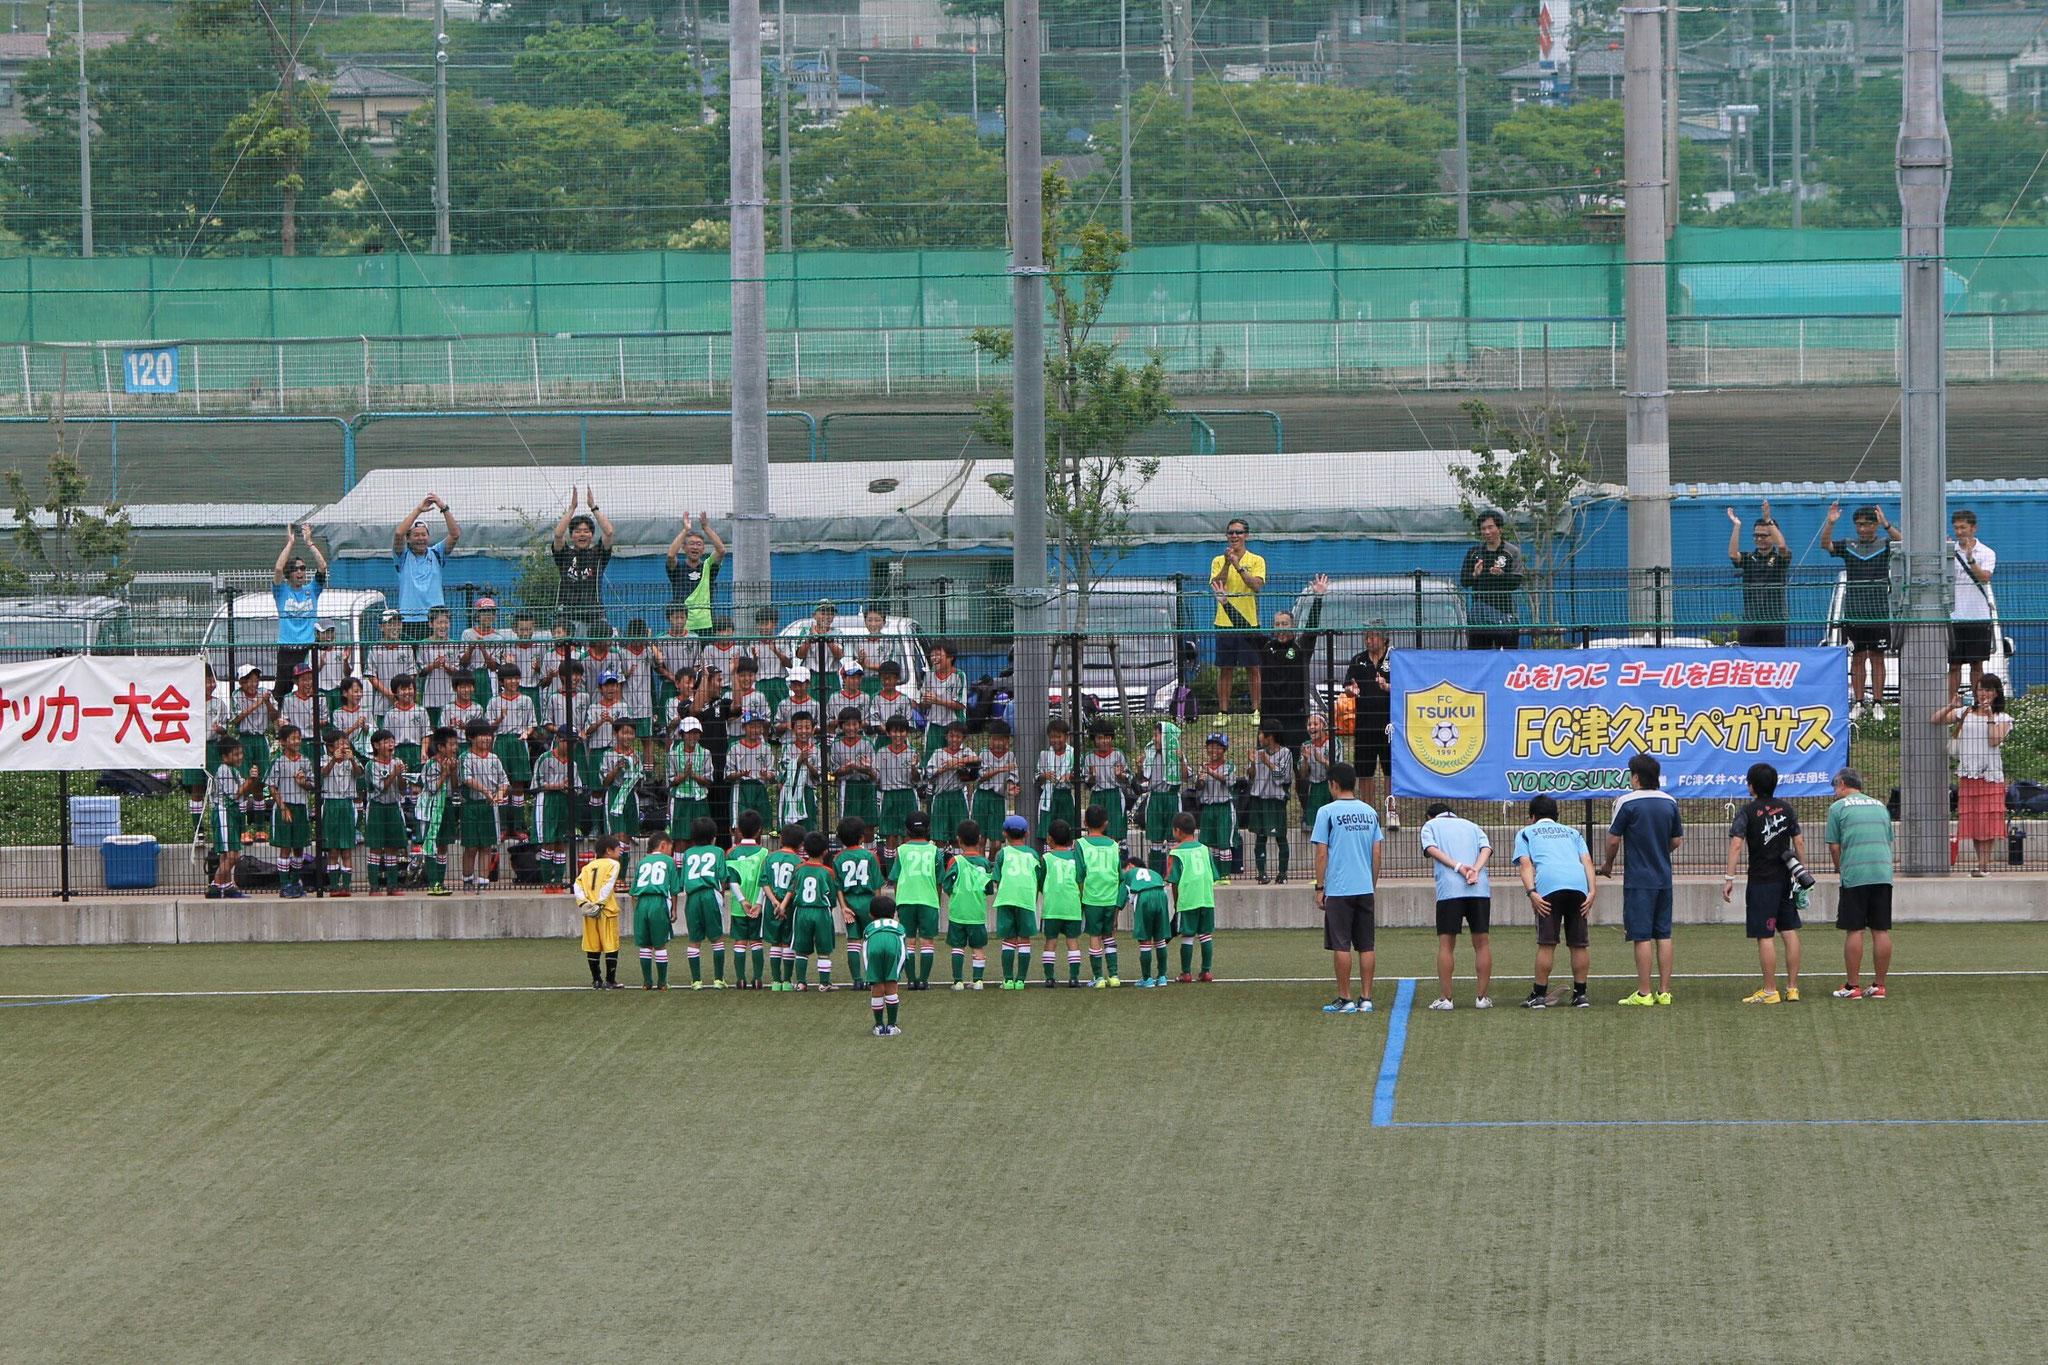 6/26 U-8 ライオンズカップ優勝